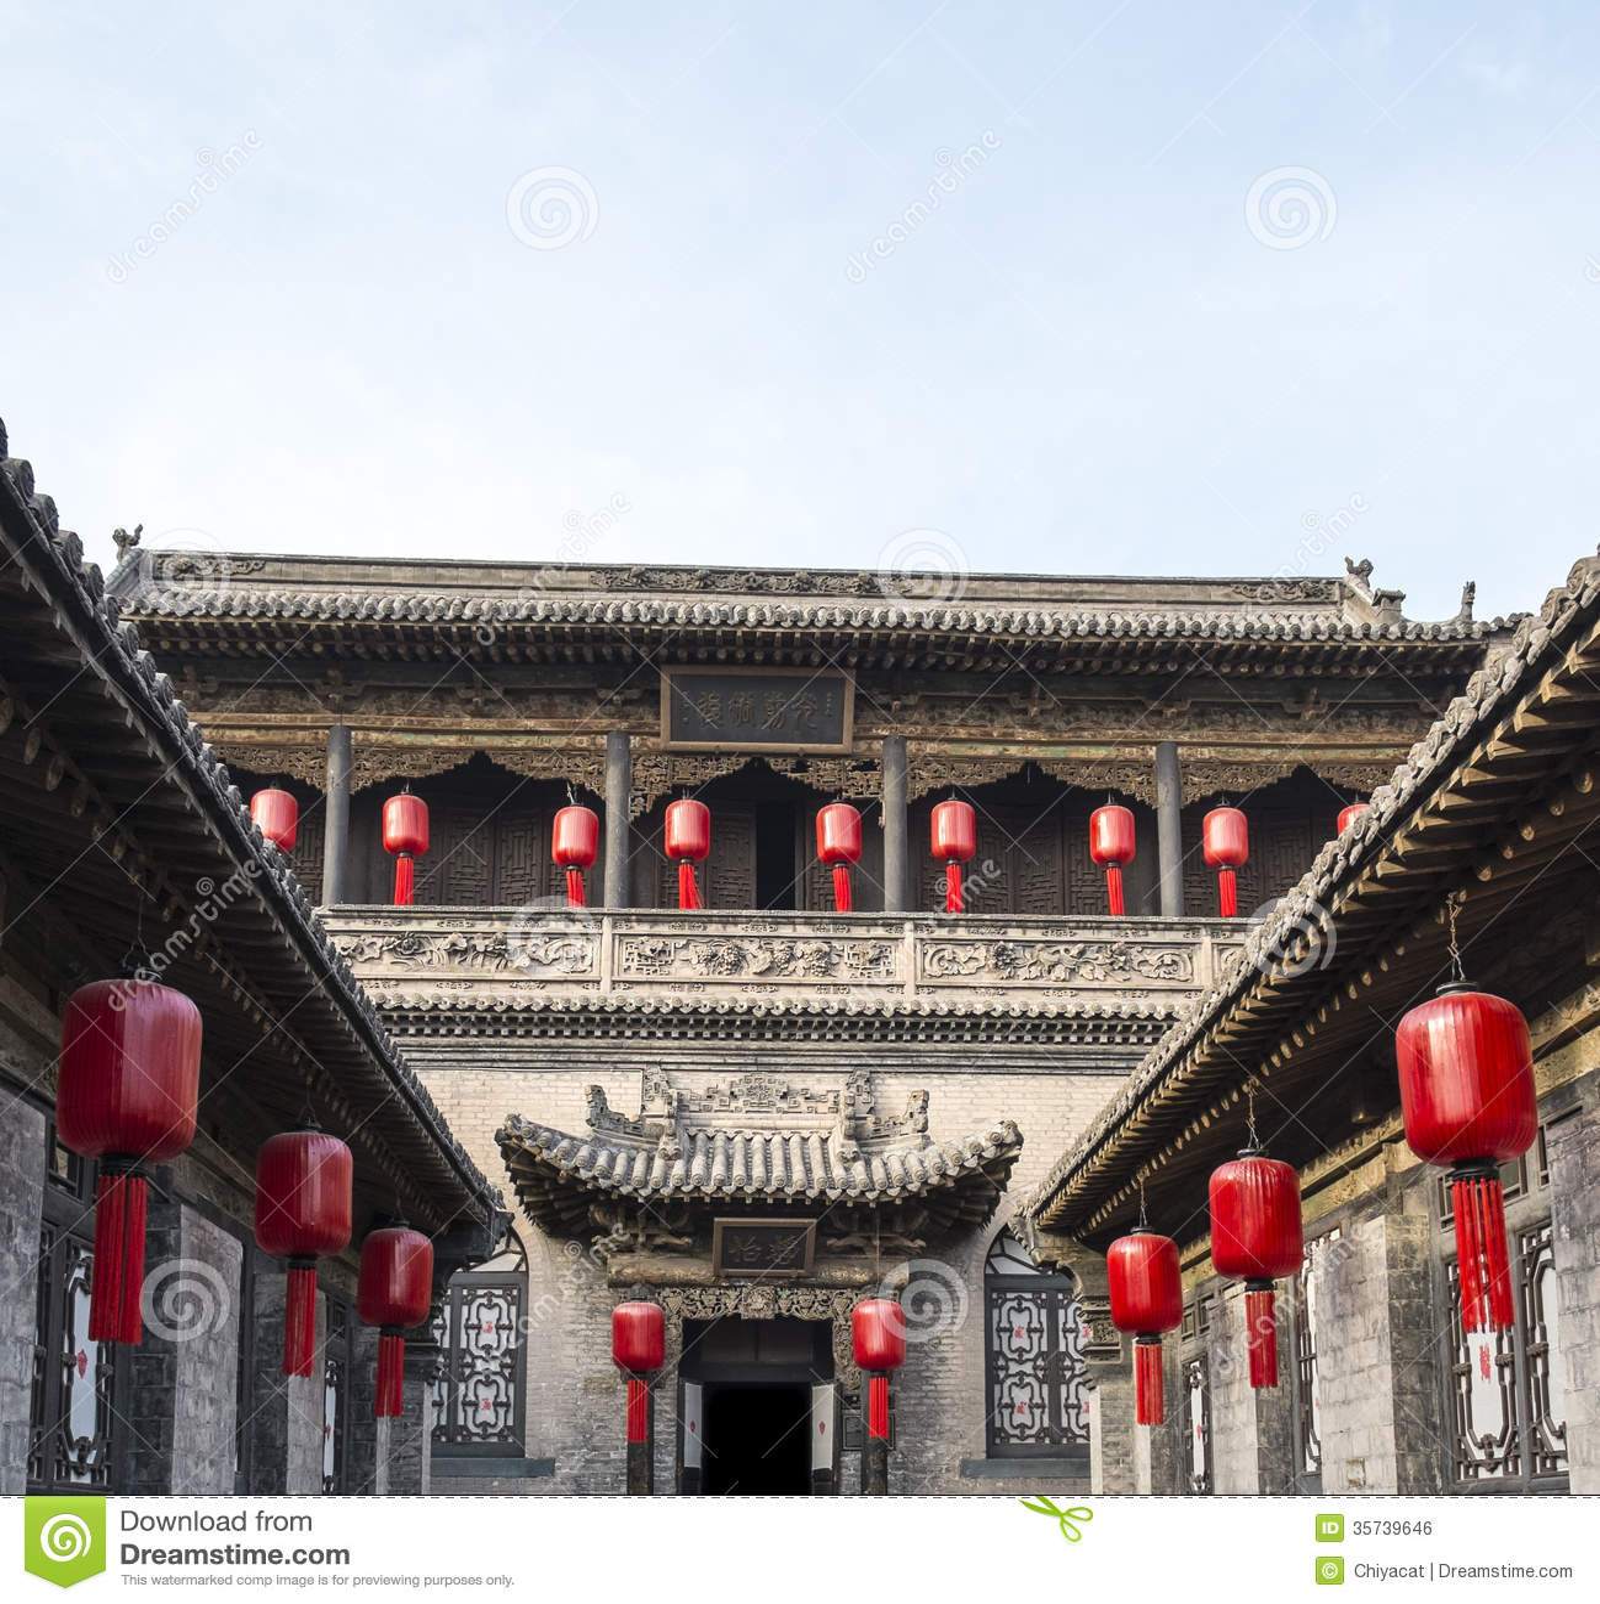 Qiao Family Courtyard in Pingyao China #3